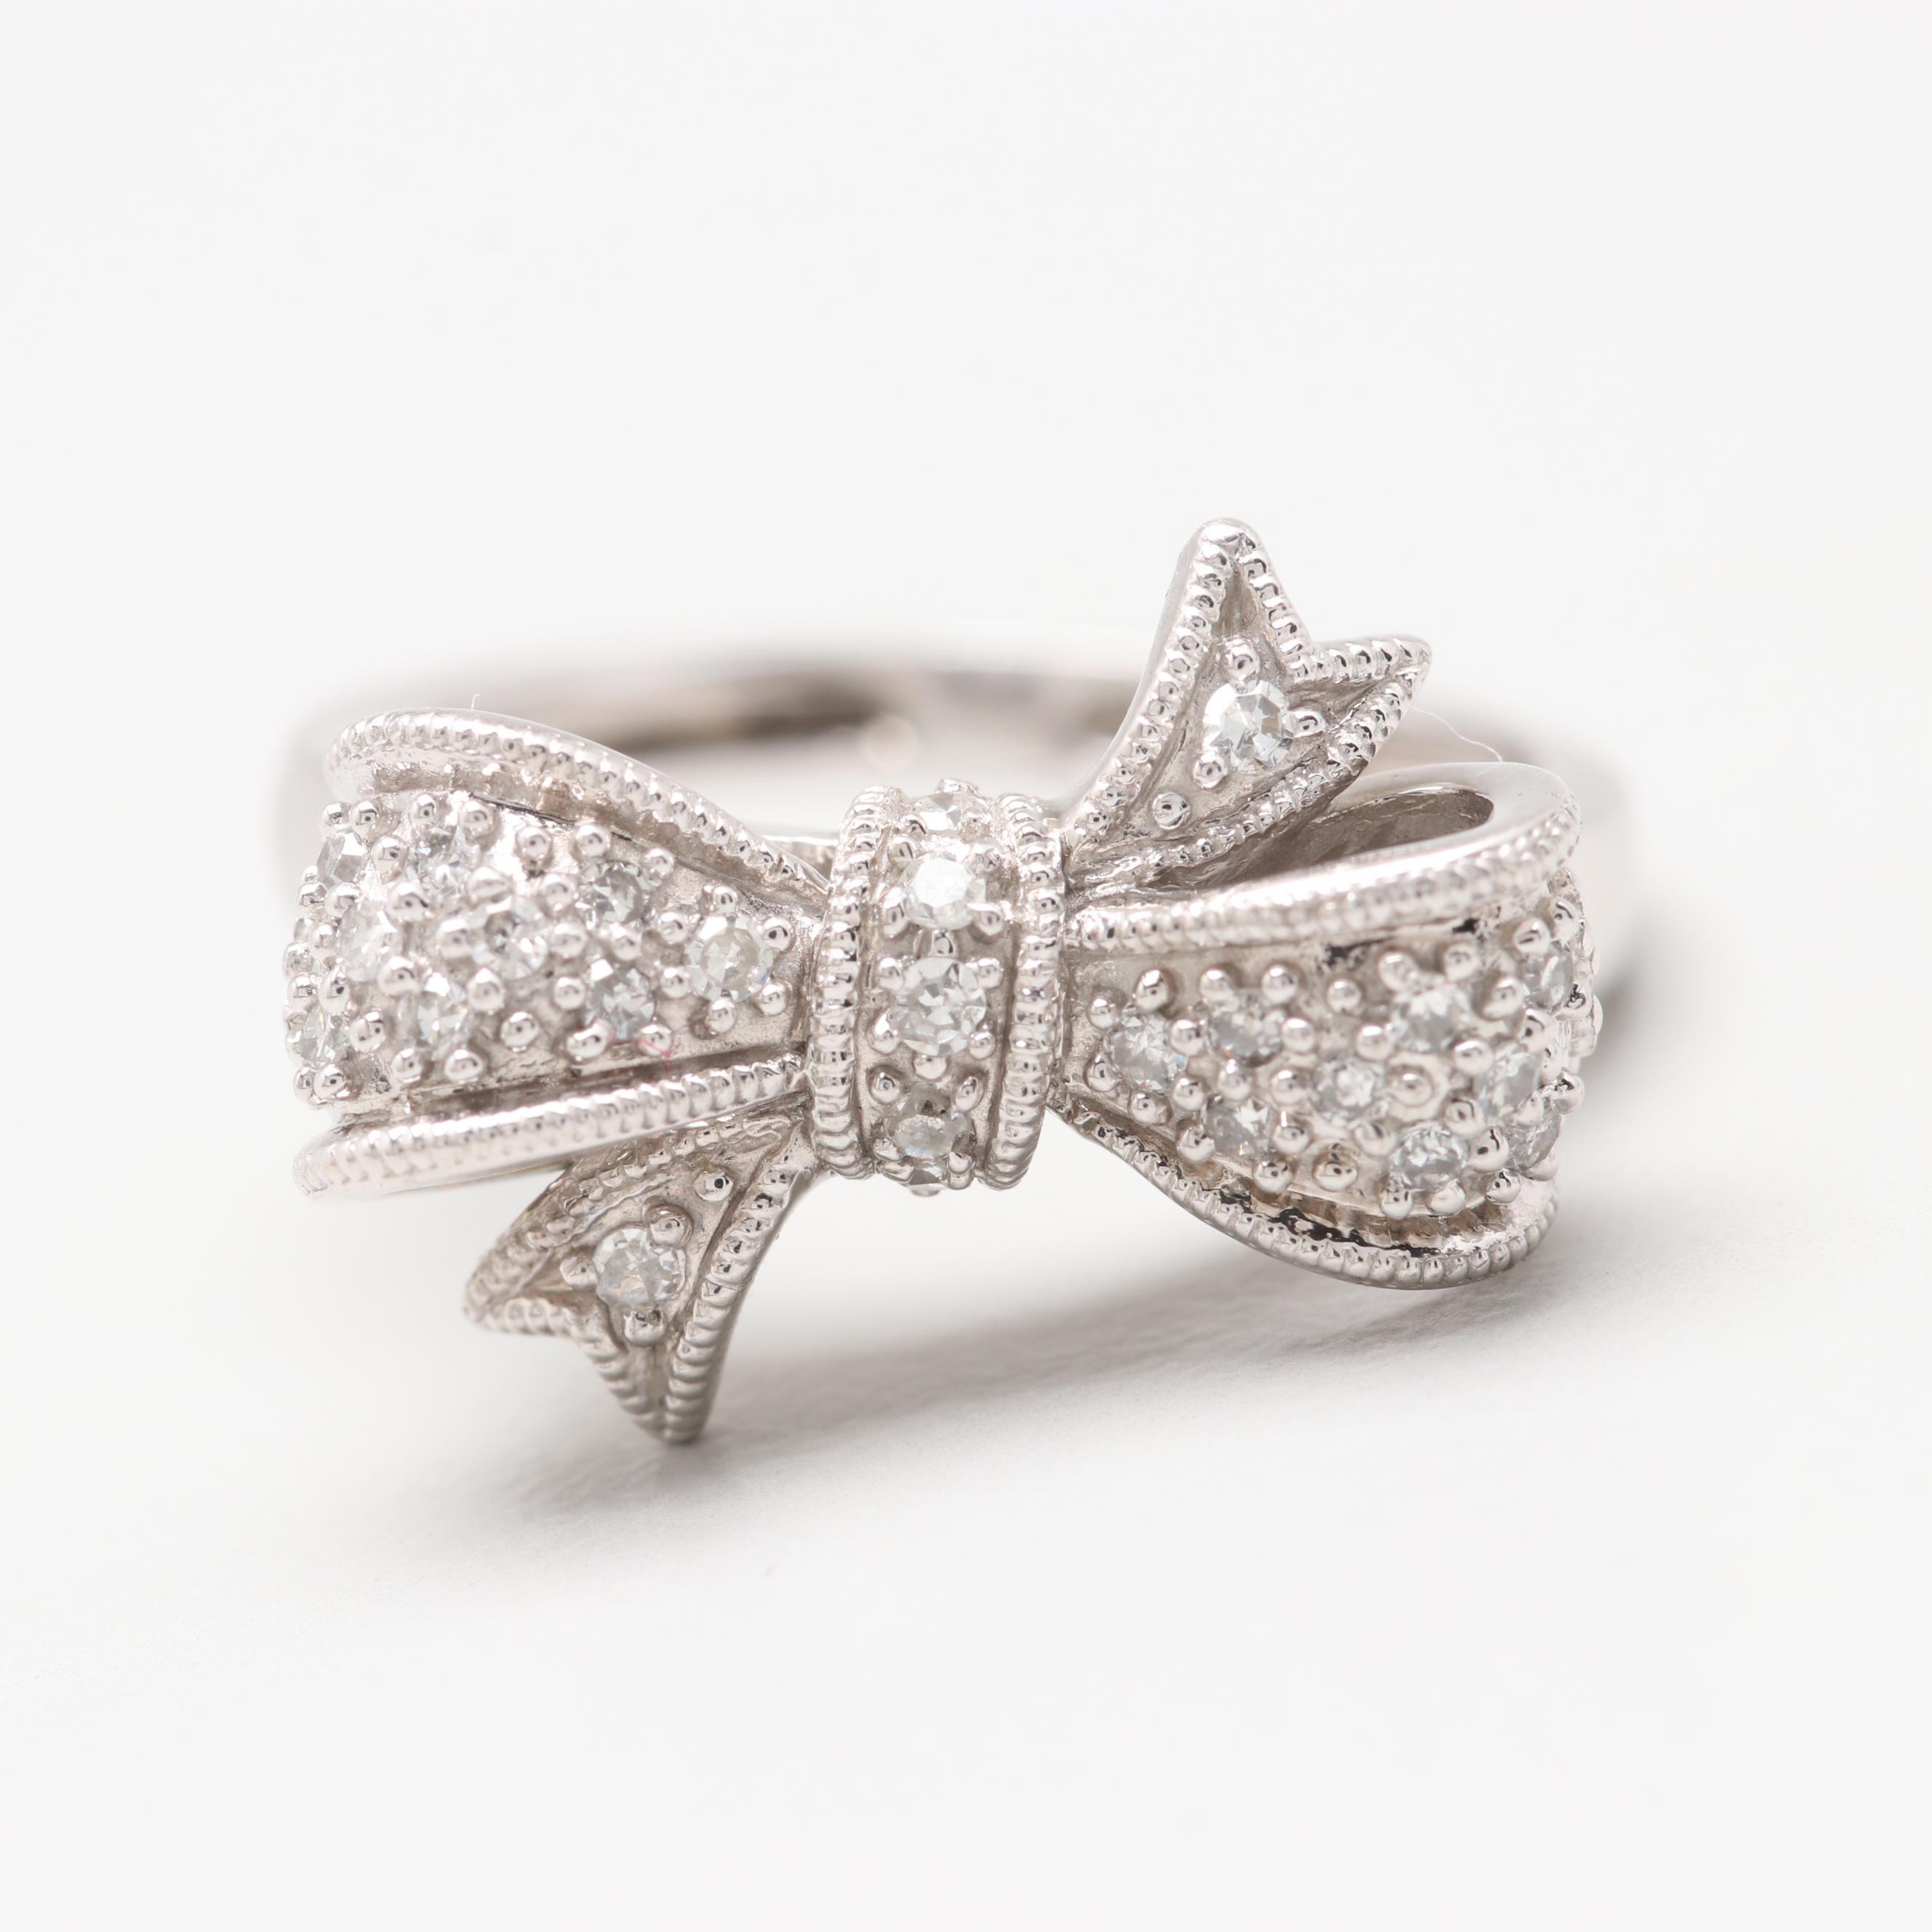 10K White Gold Diamond Bow Ring